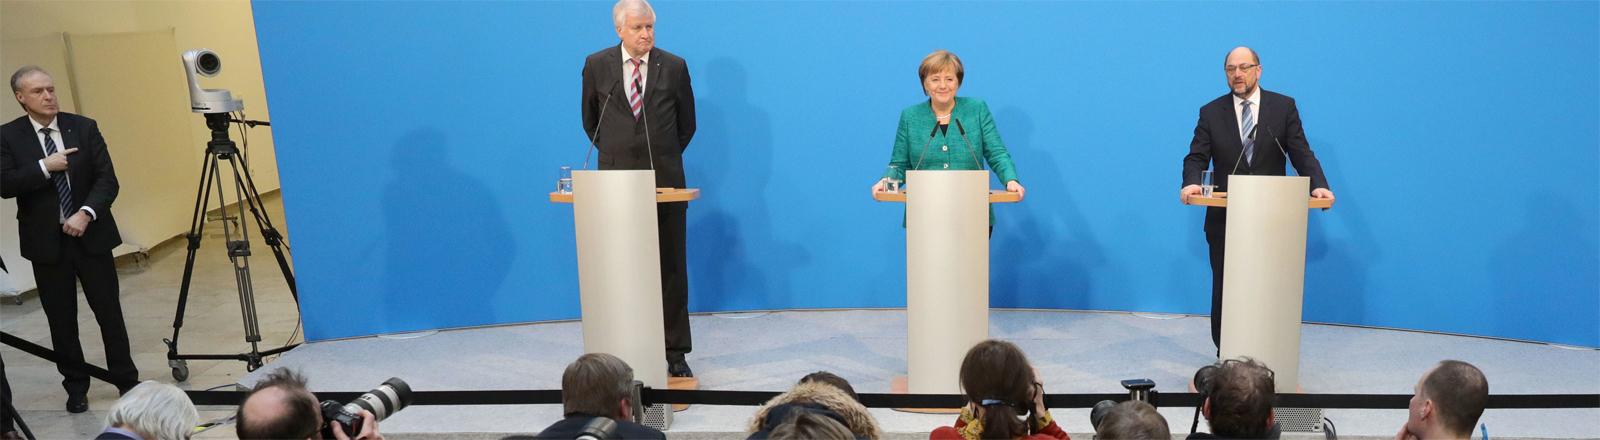 Pressekonferenz zur neuen großen Koalition: Host Seehofer, Angela Merkel und Martin Schulz treten am 7. Februar 2018 vor die Presse